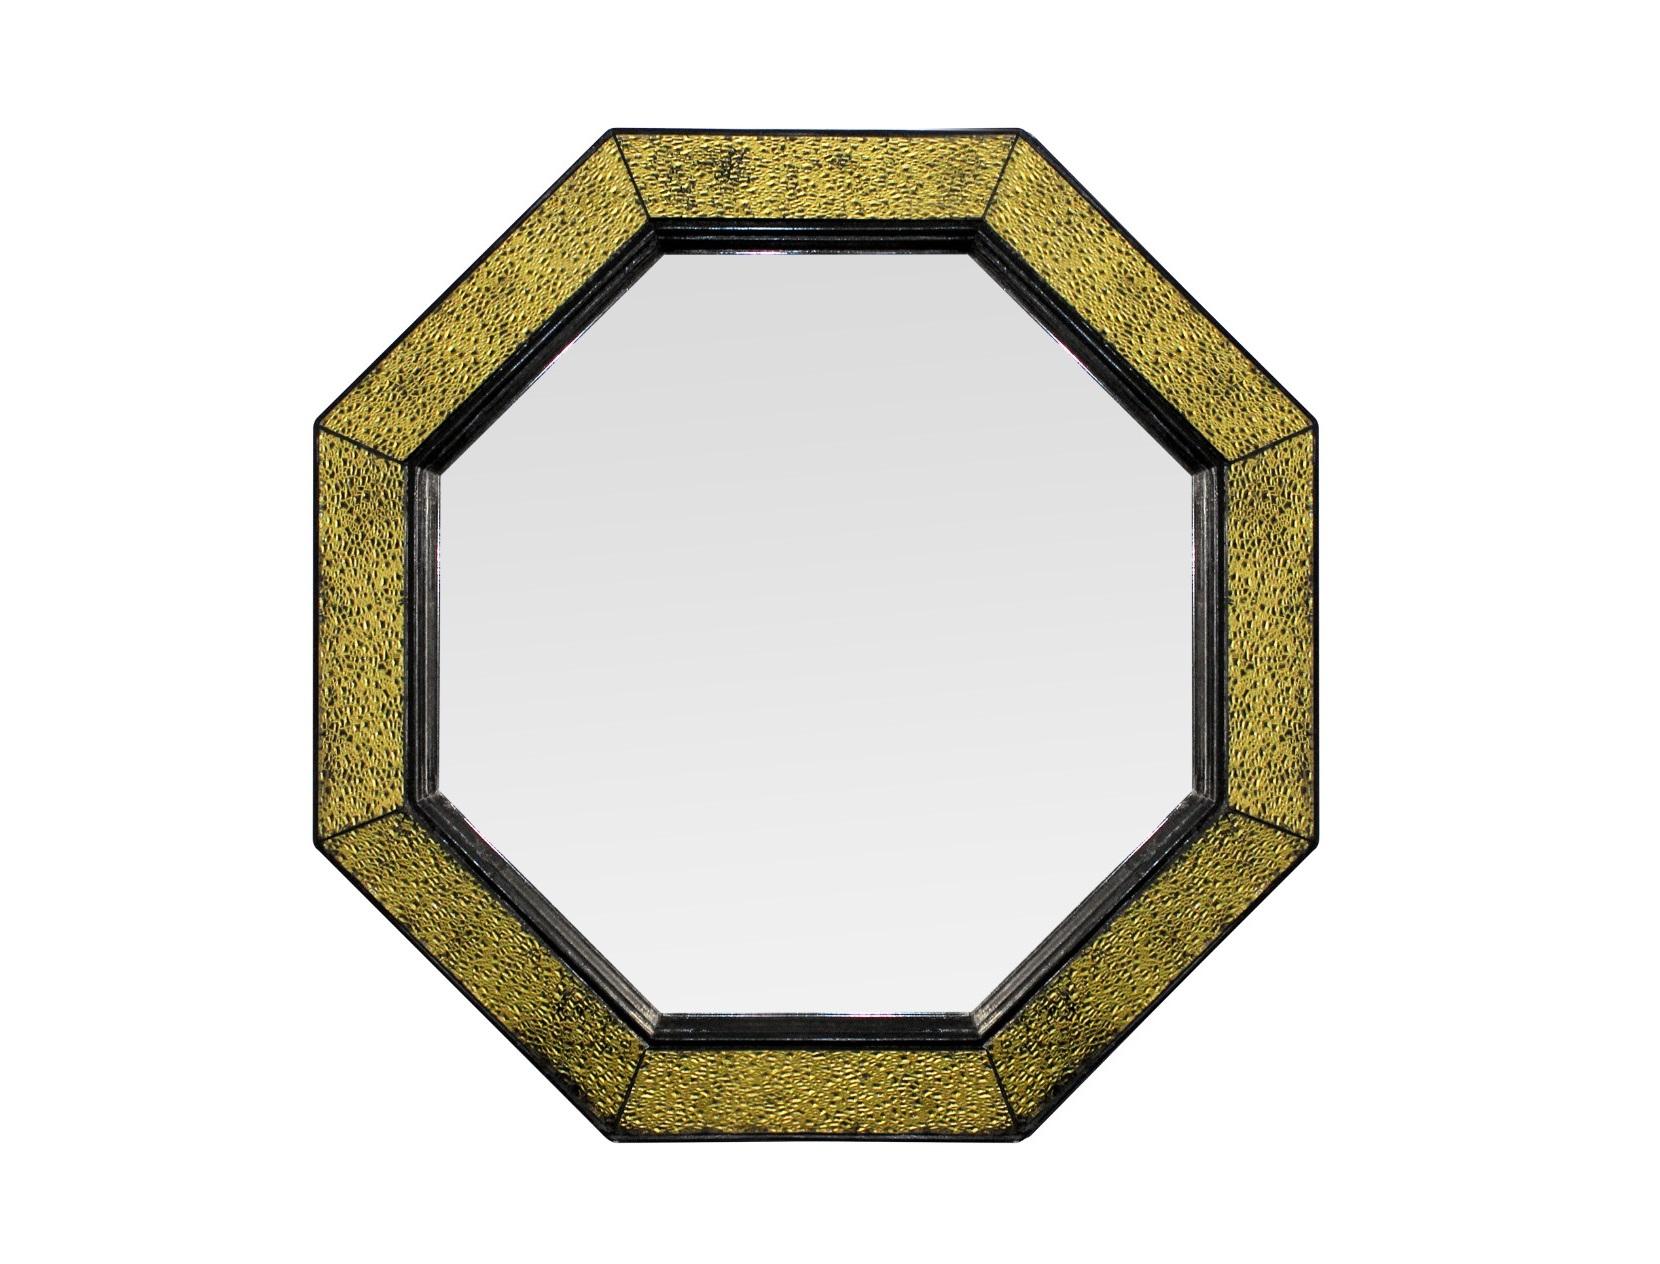 Зеркало BountyHome 15437665 от thefurnish